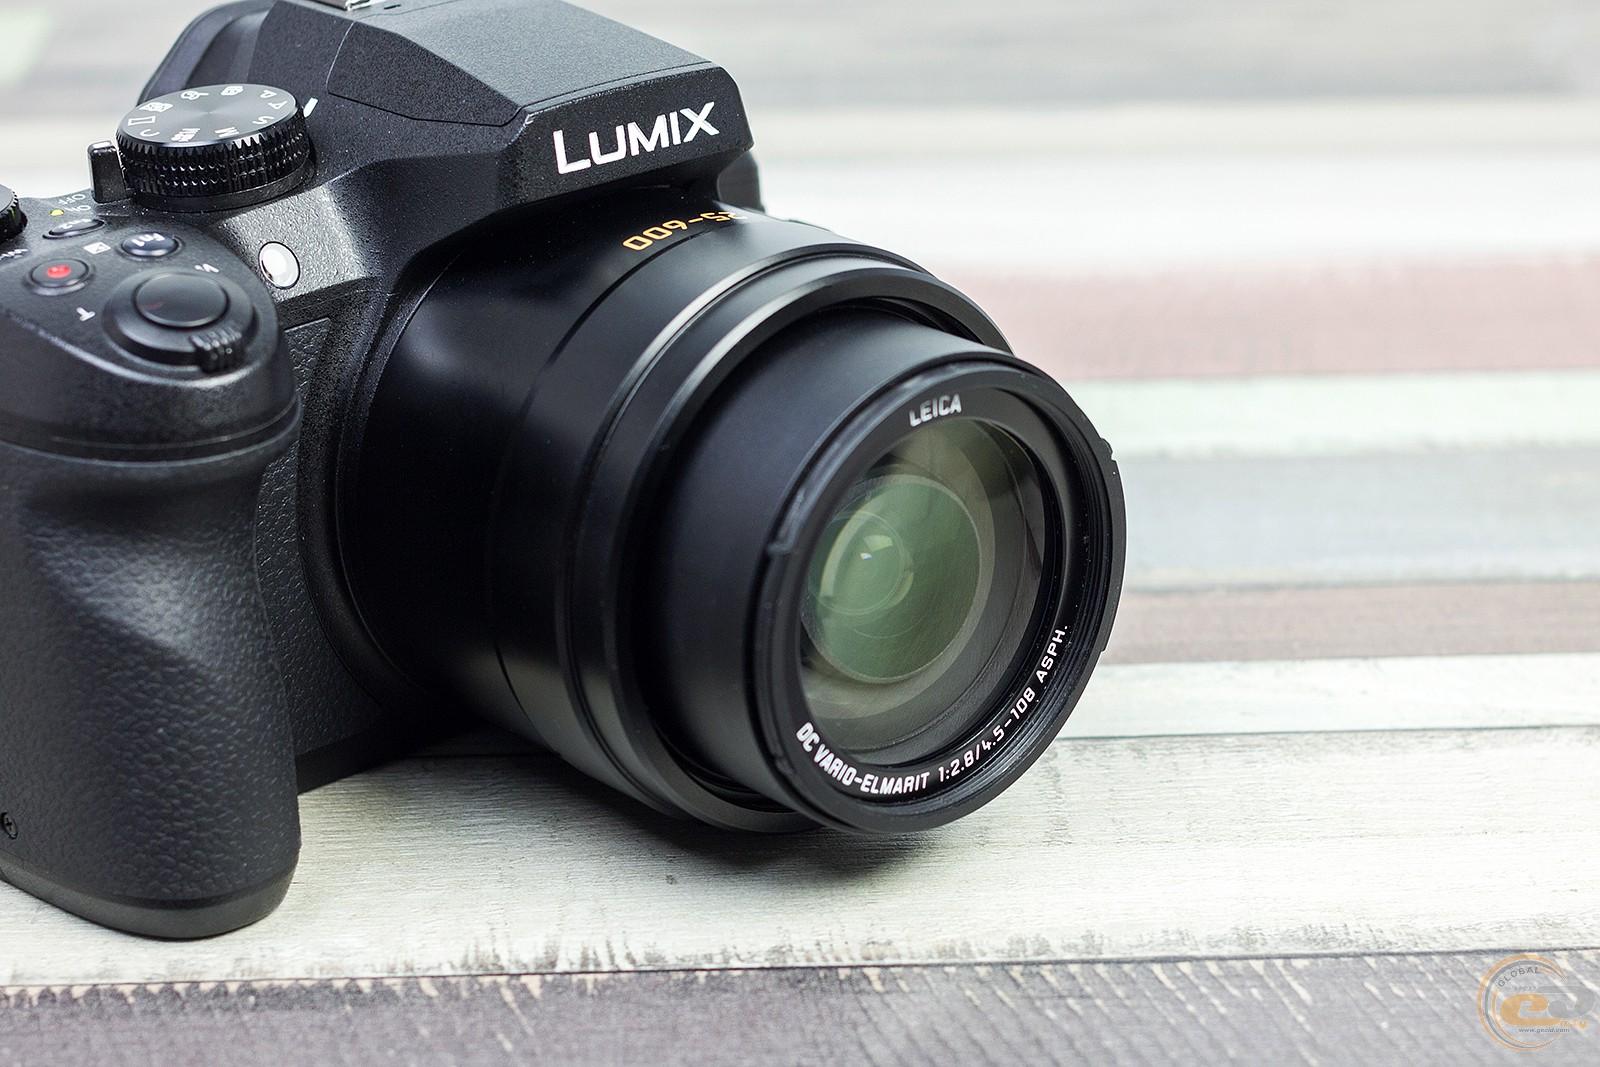 светофильтр для фотоаппарата панасоник люмикс